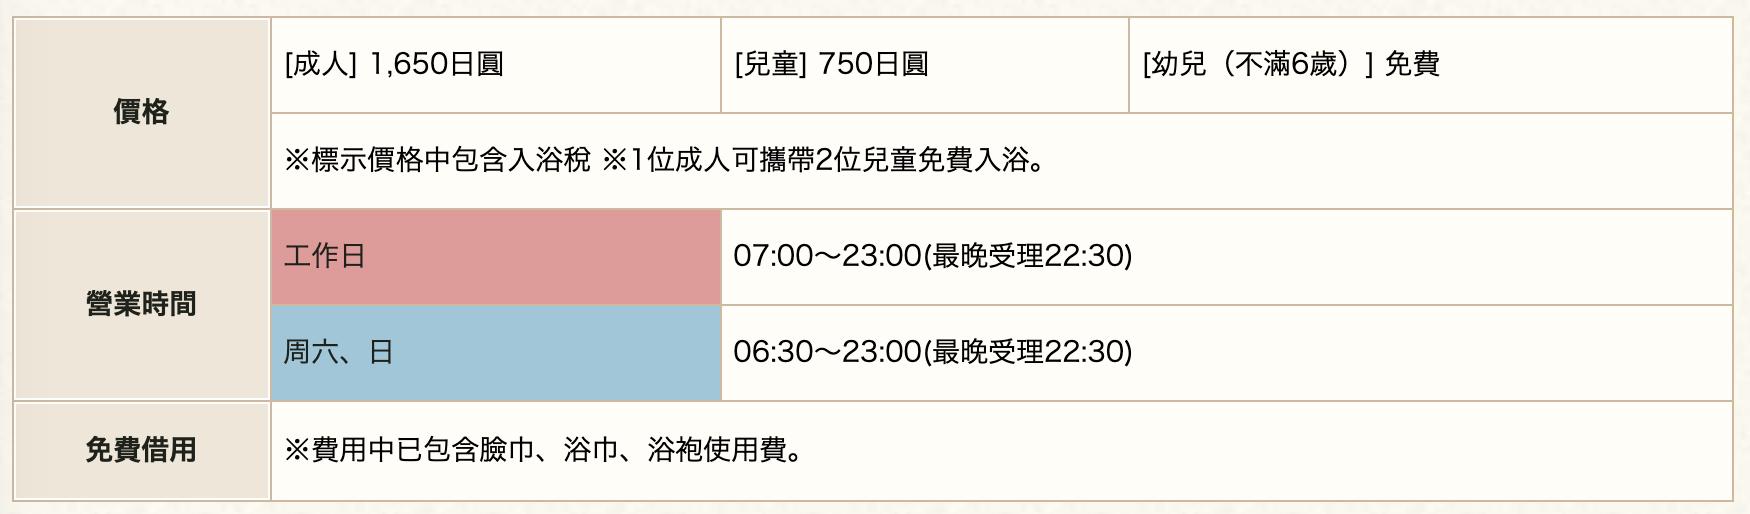 螢幕快照 2019-07-05 下午10.41.15